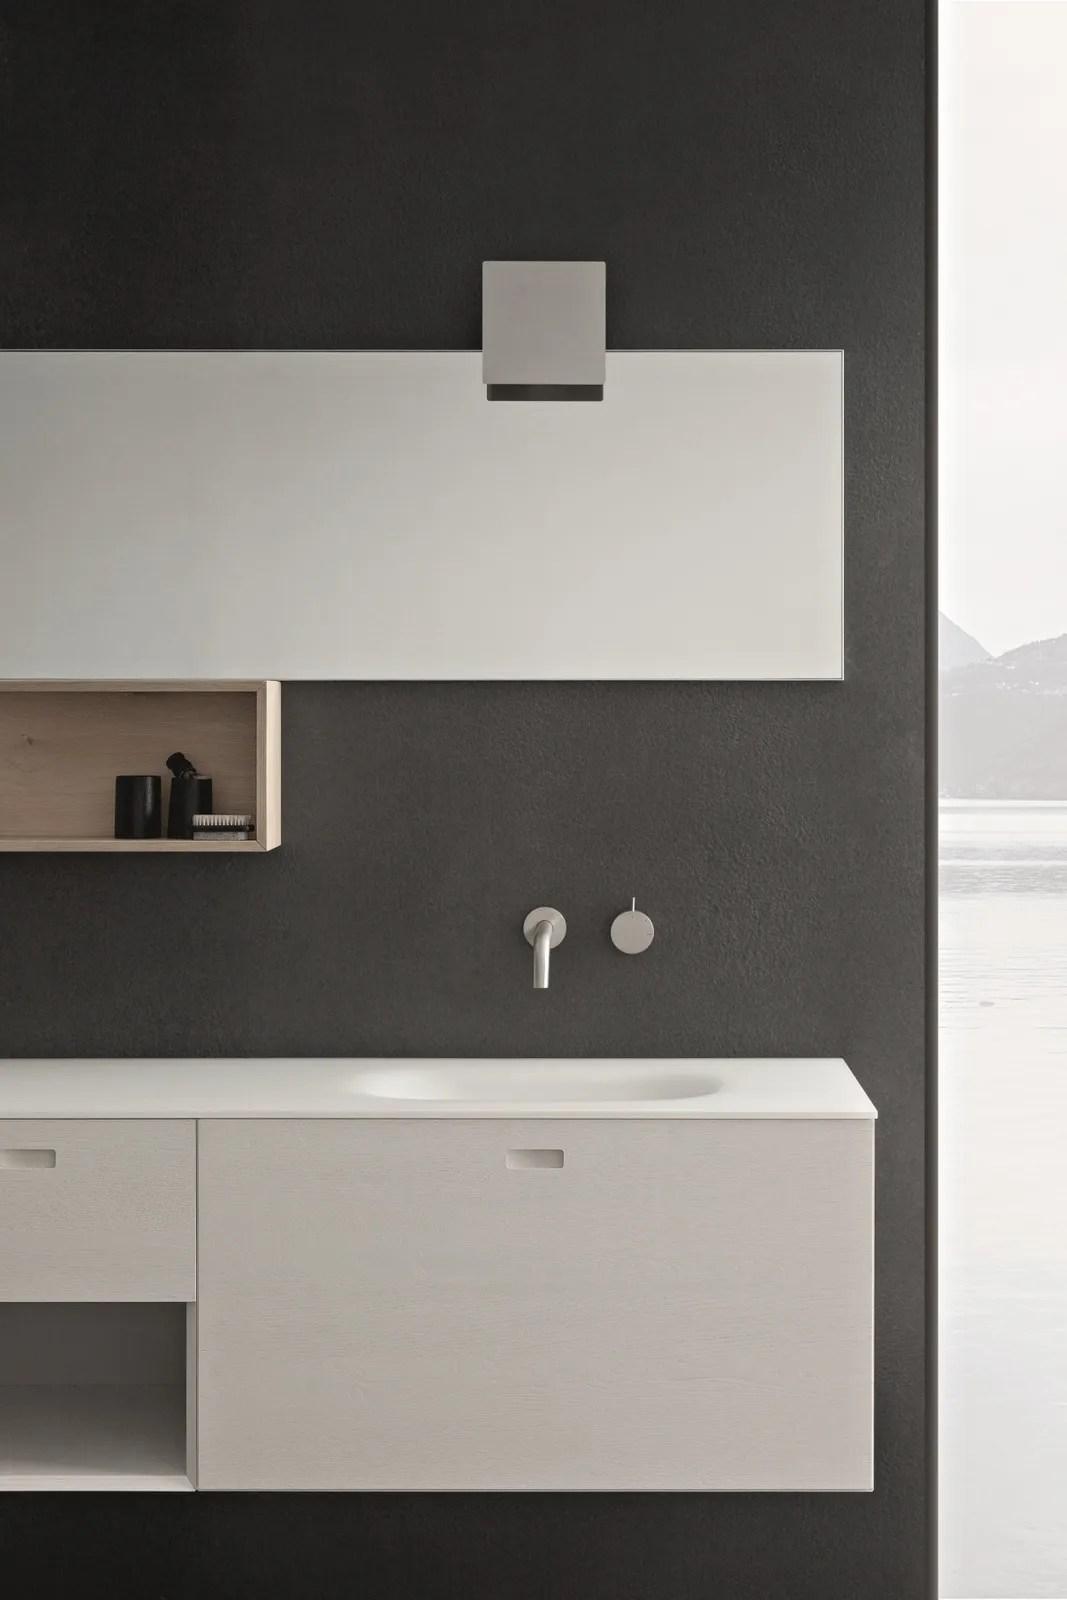 Arredo bagno completo CRAFT  COMPOSIZIONE N04 by NOVELLO design Stefano Cavazzana